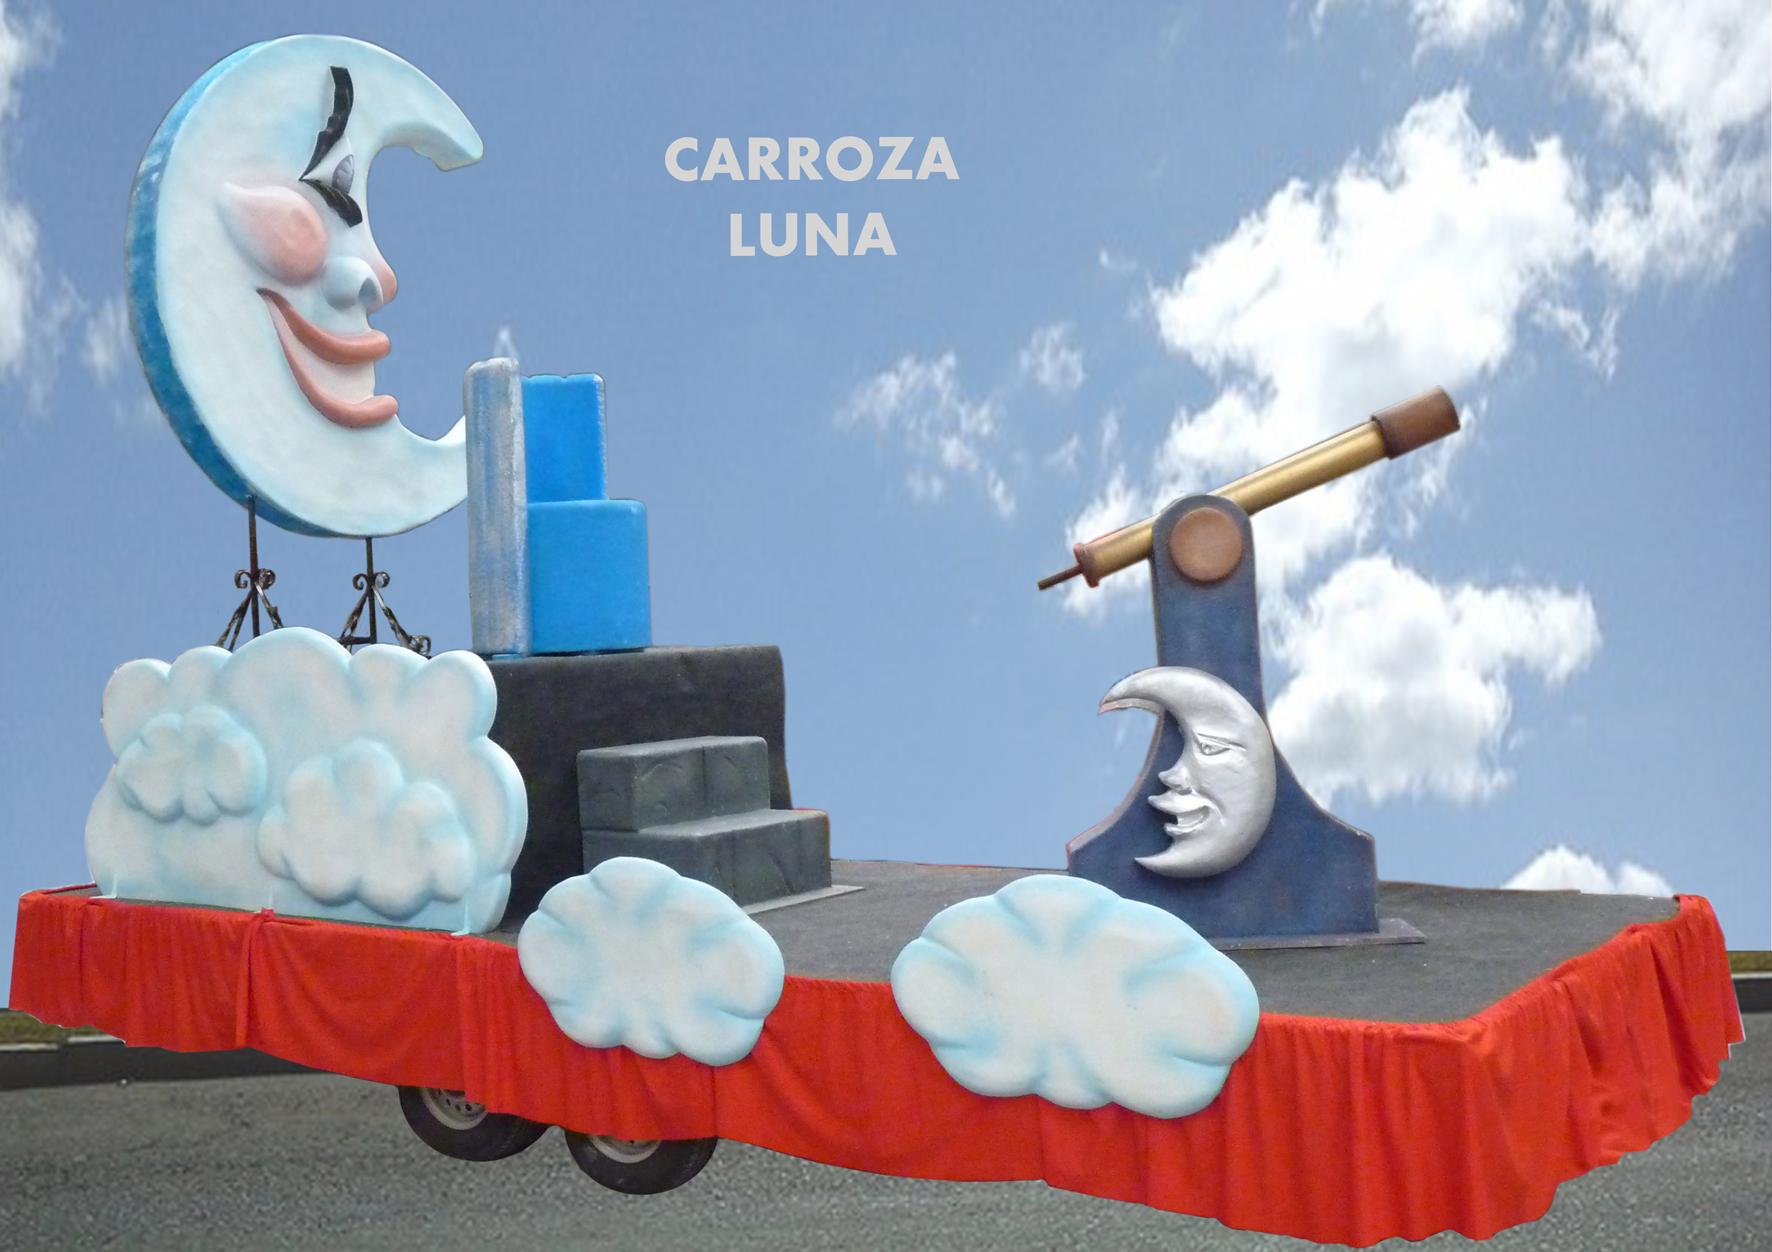 Carroza Fiesta Luna